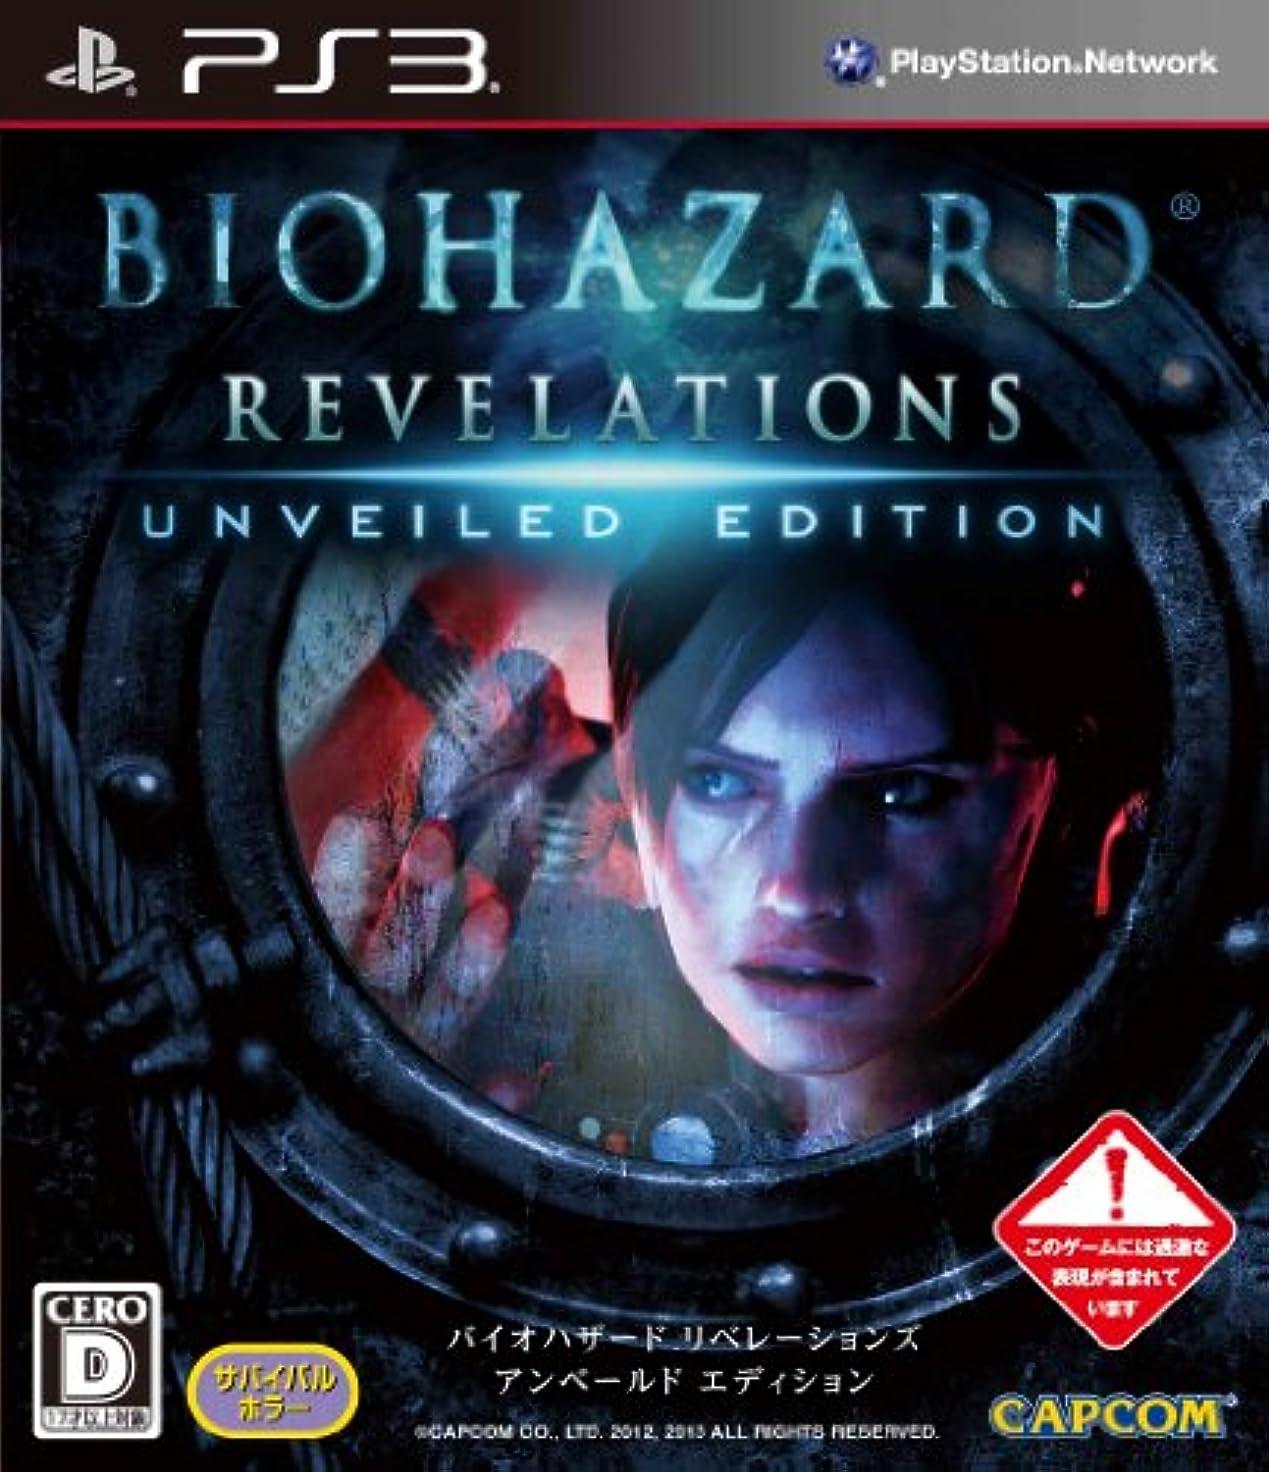 負責め印をつけるバイオハザード リベレーションズ アンベールド エディション - PS3